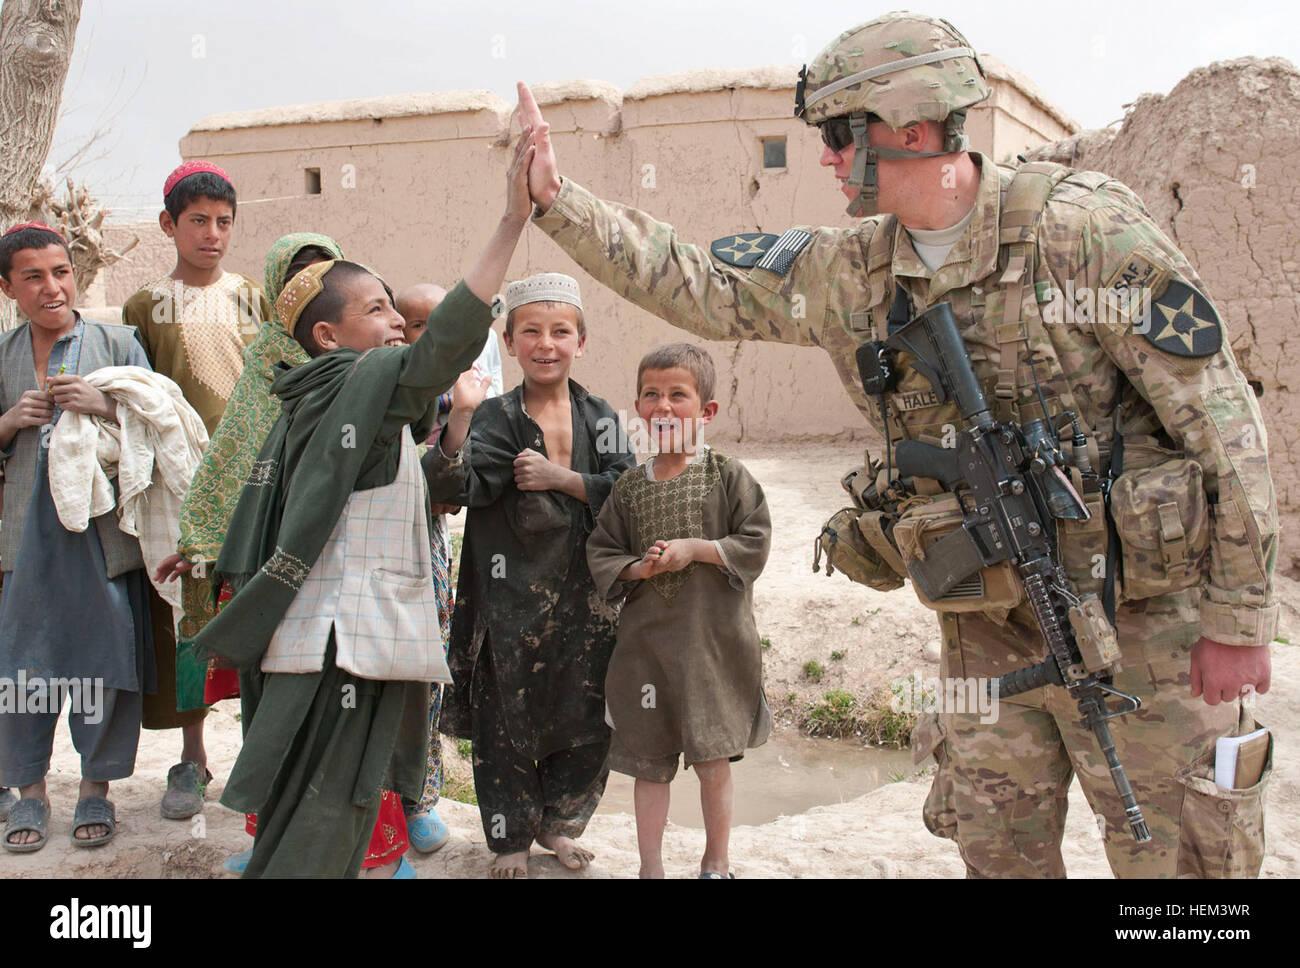 us army platoon